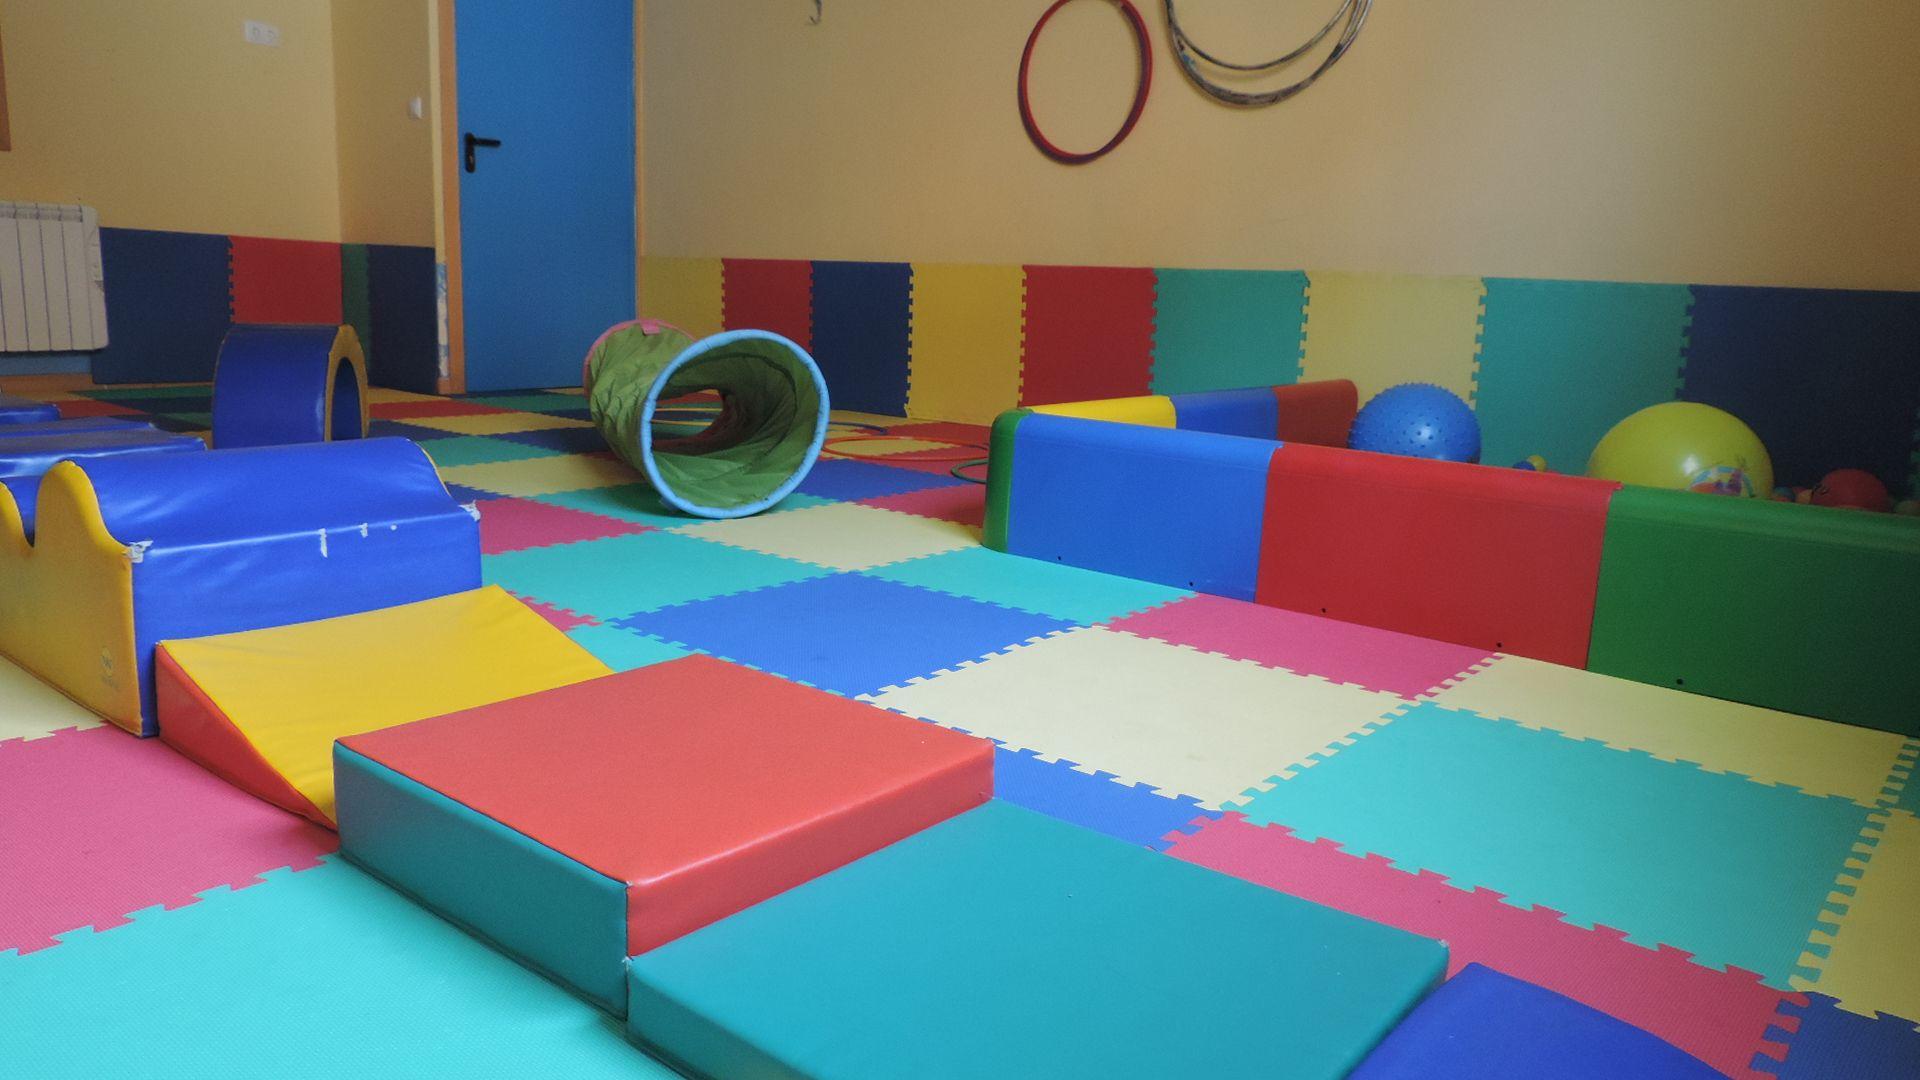 Aula de psicomotricidad de la escuela infantil